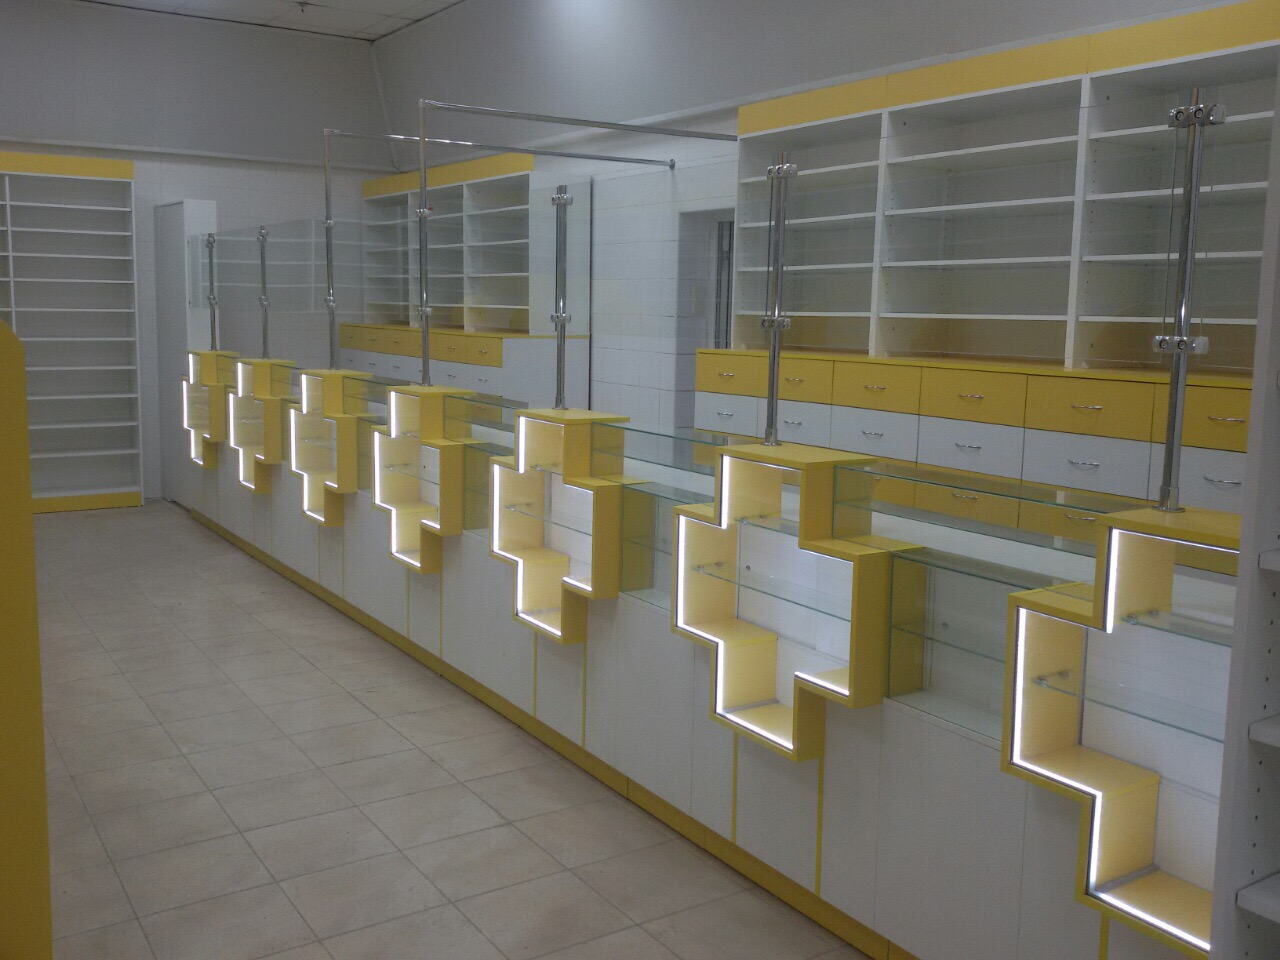 торговое обородувание аптека низкие цены № 1